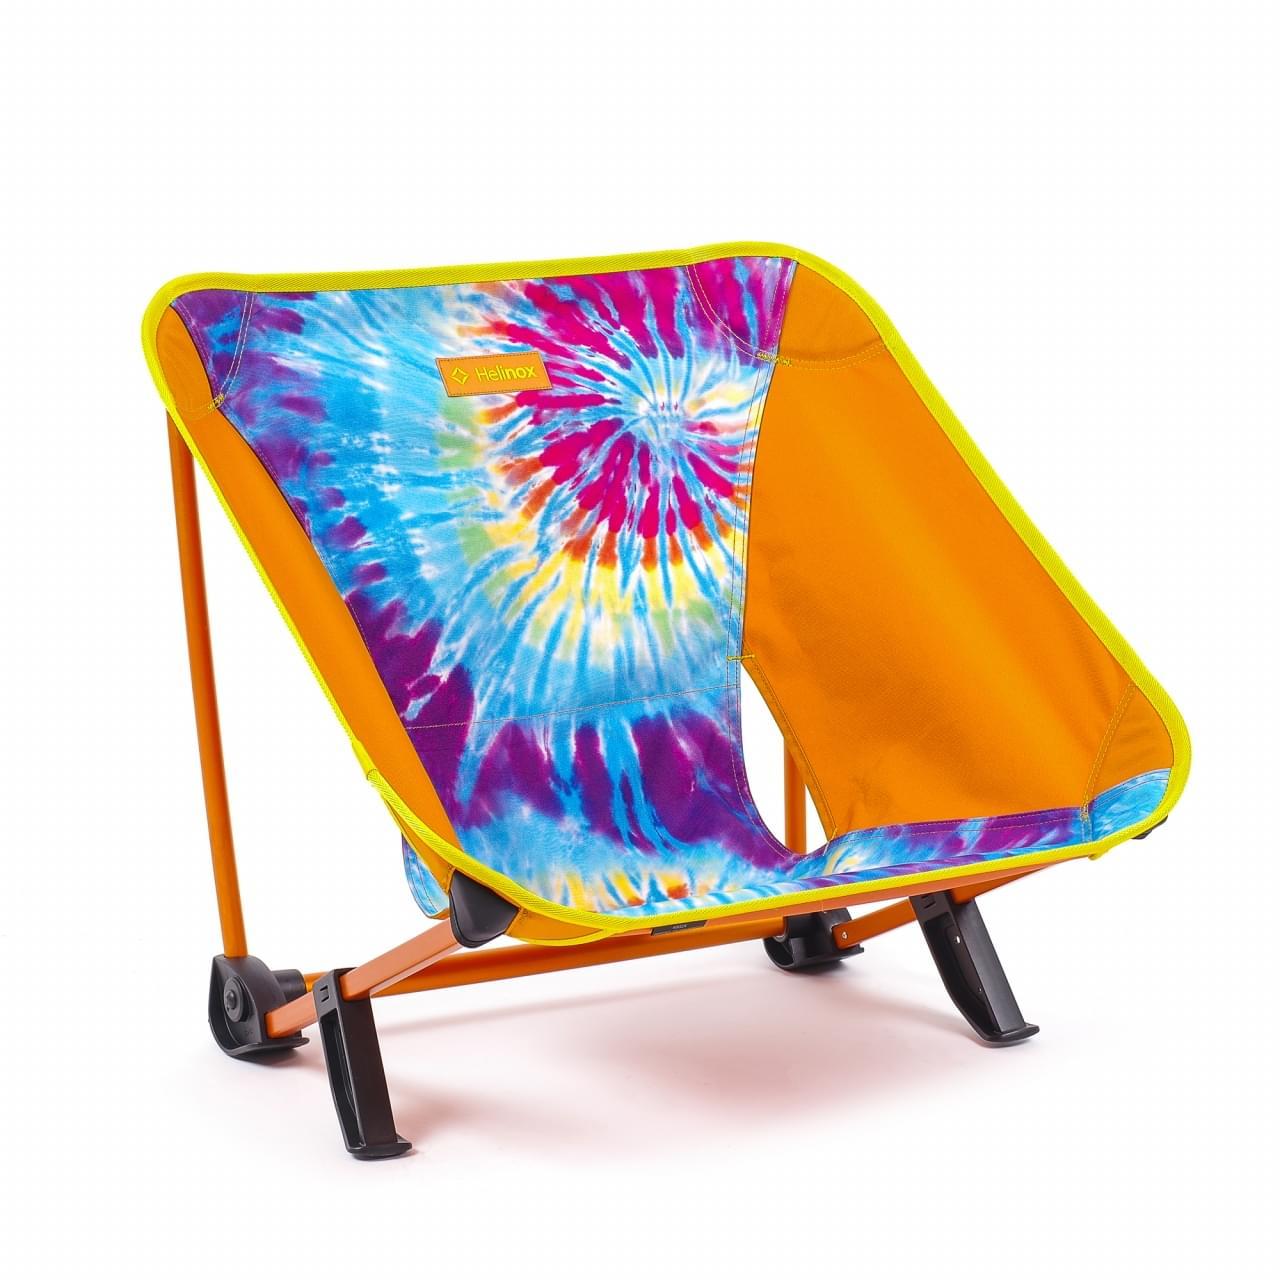 Helinox Incline Festival Chair Lichtgewicht Stoel Oranje